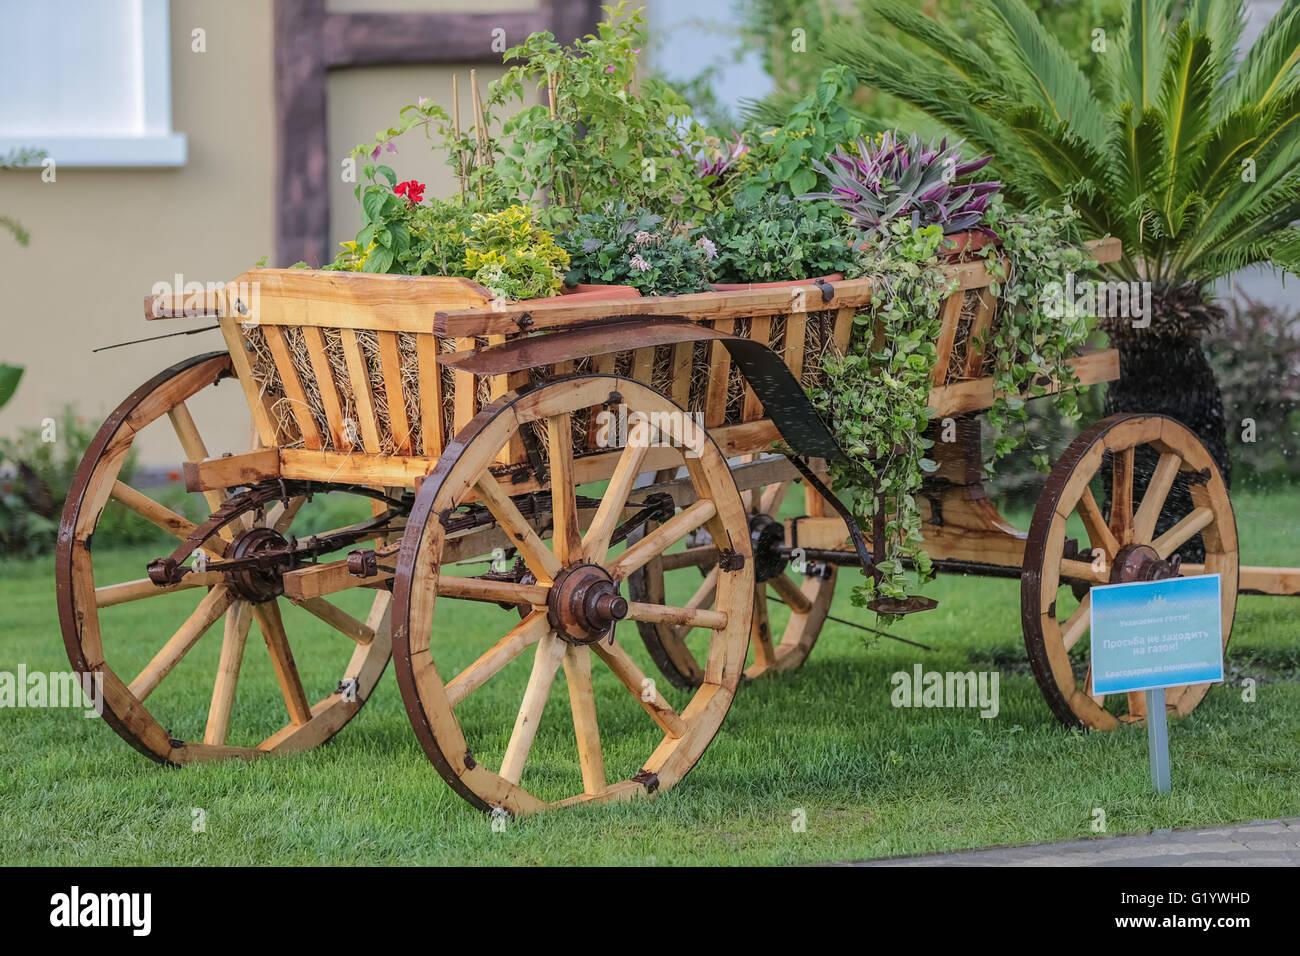 Wheel Garden Cart Stock Photos & Wheel Garden Cart Stock Images - Alamy